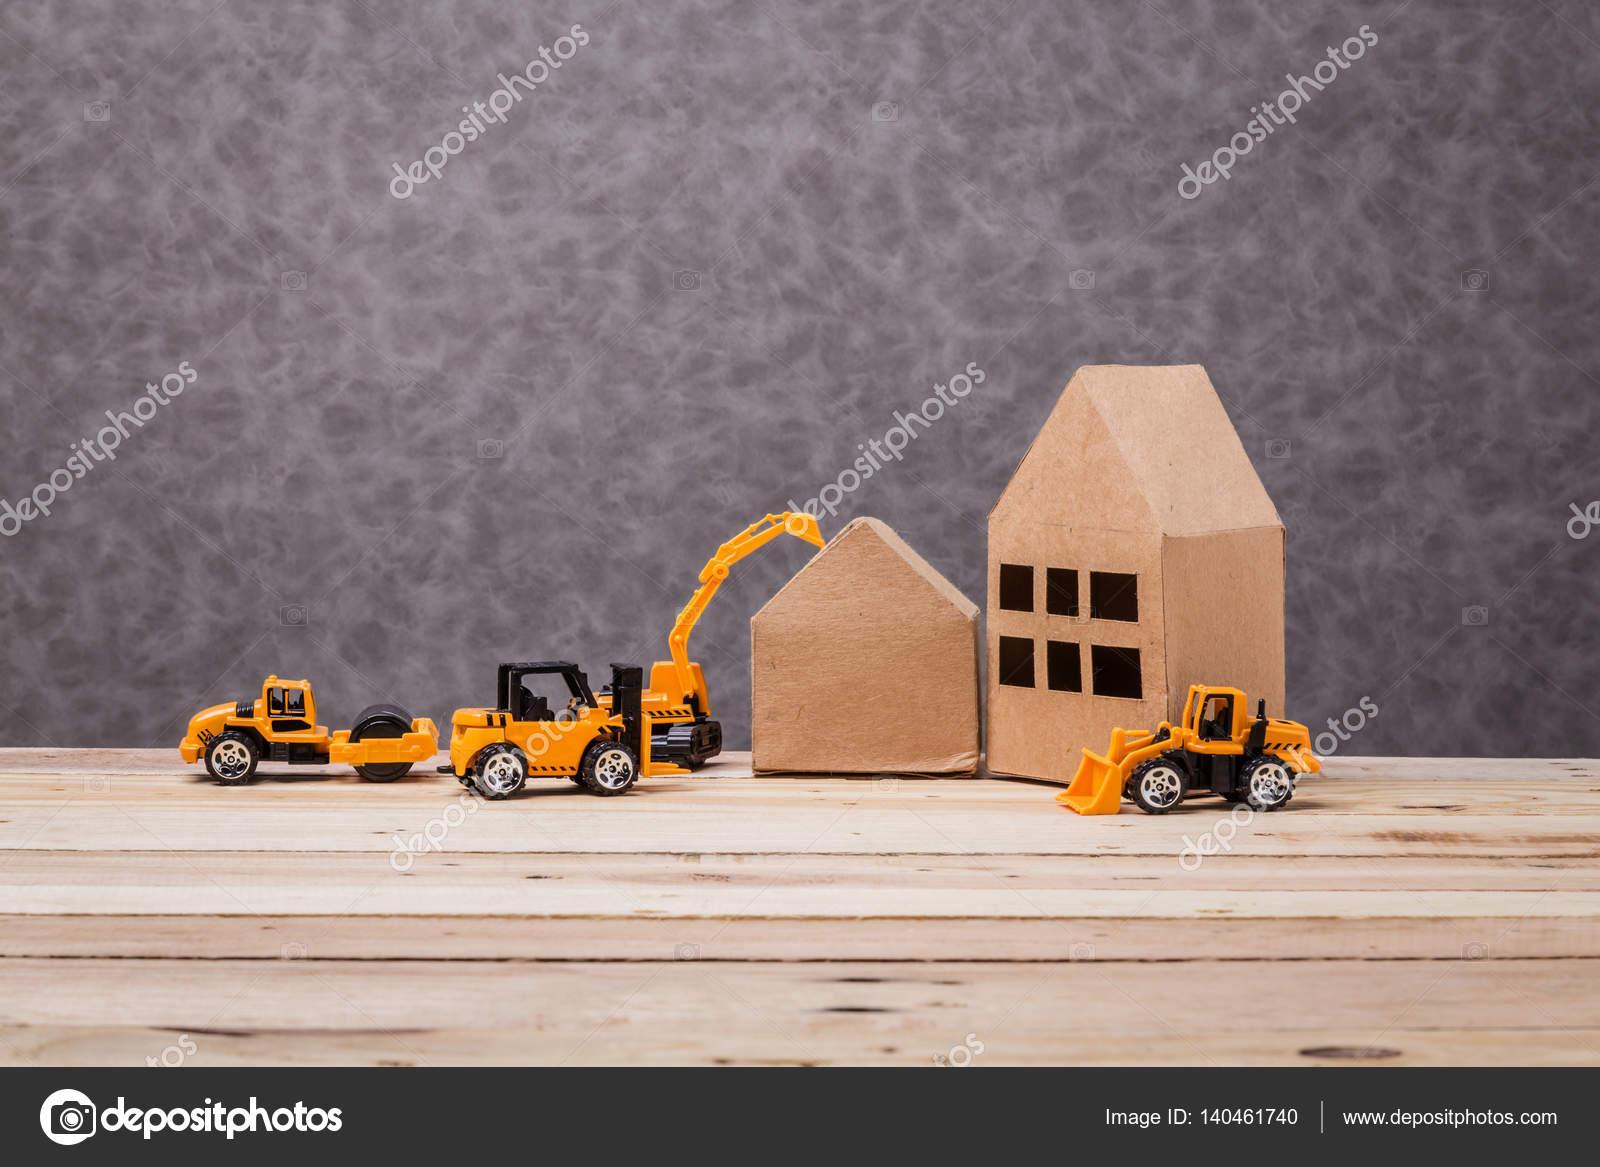 Fantastisch Haus Papier Modell Mit Spielzeug Auto Bau Ideen Konzept Auf U2014 Stockfoto